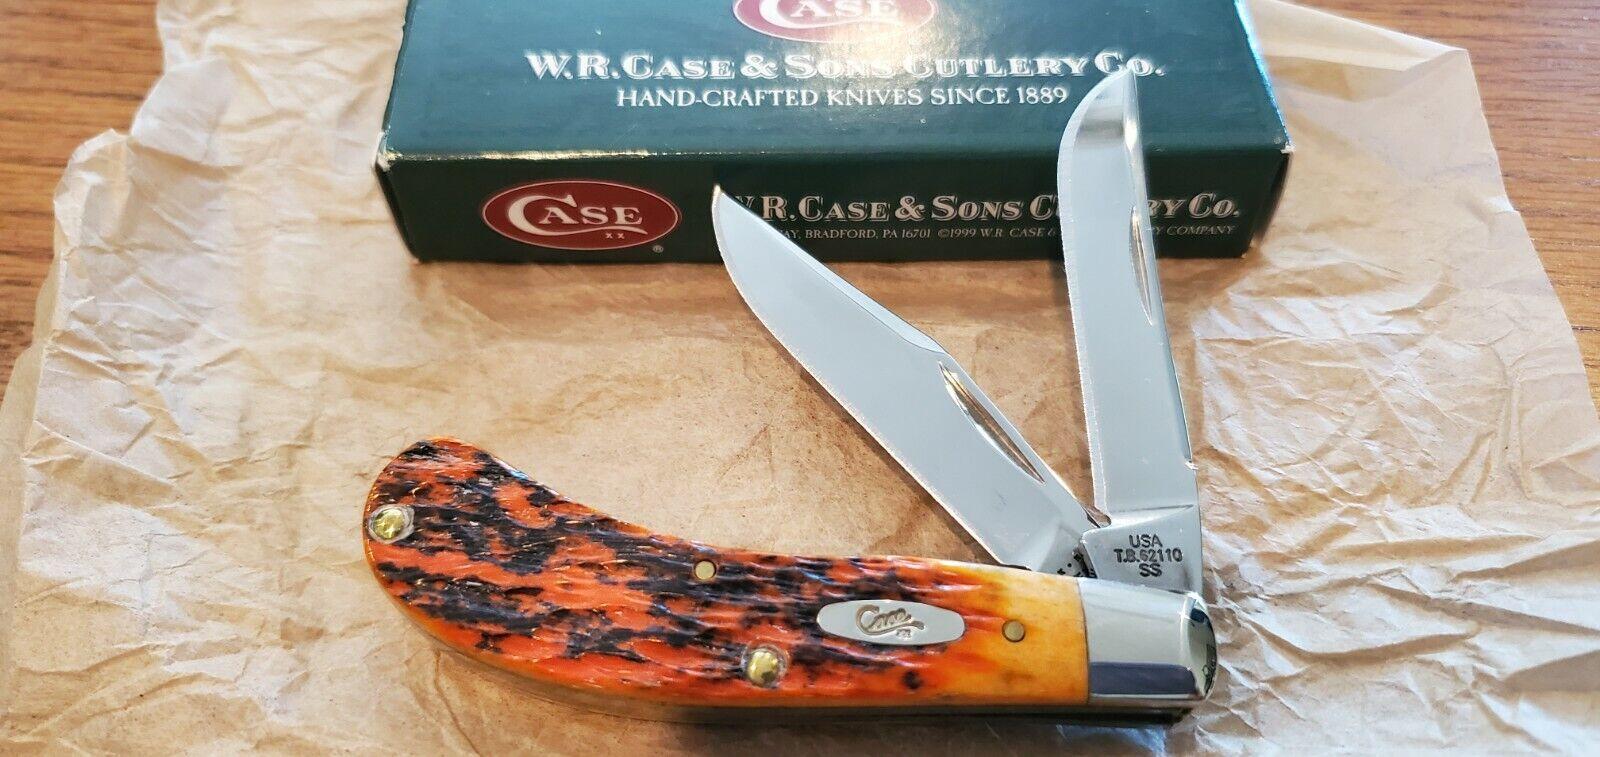 Case XX Small Saddlehorn Knife Autumn Tony Bose NOS 2004